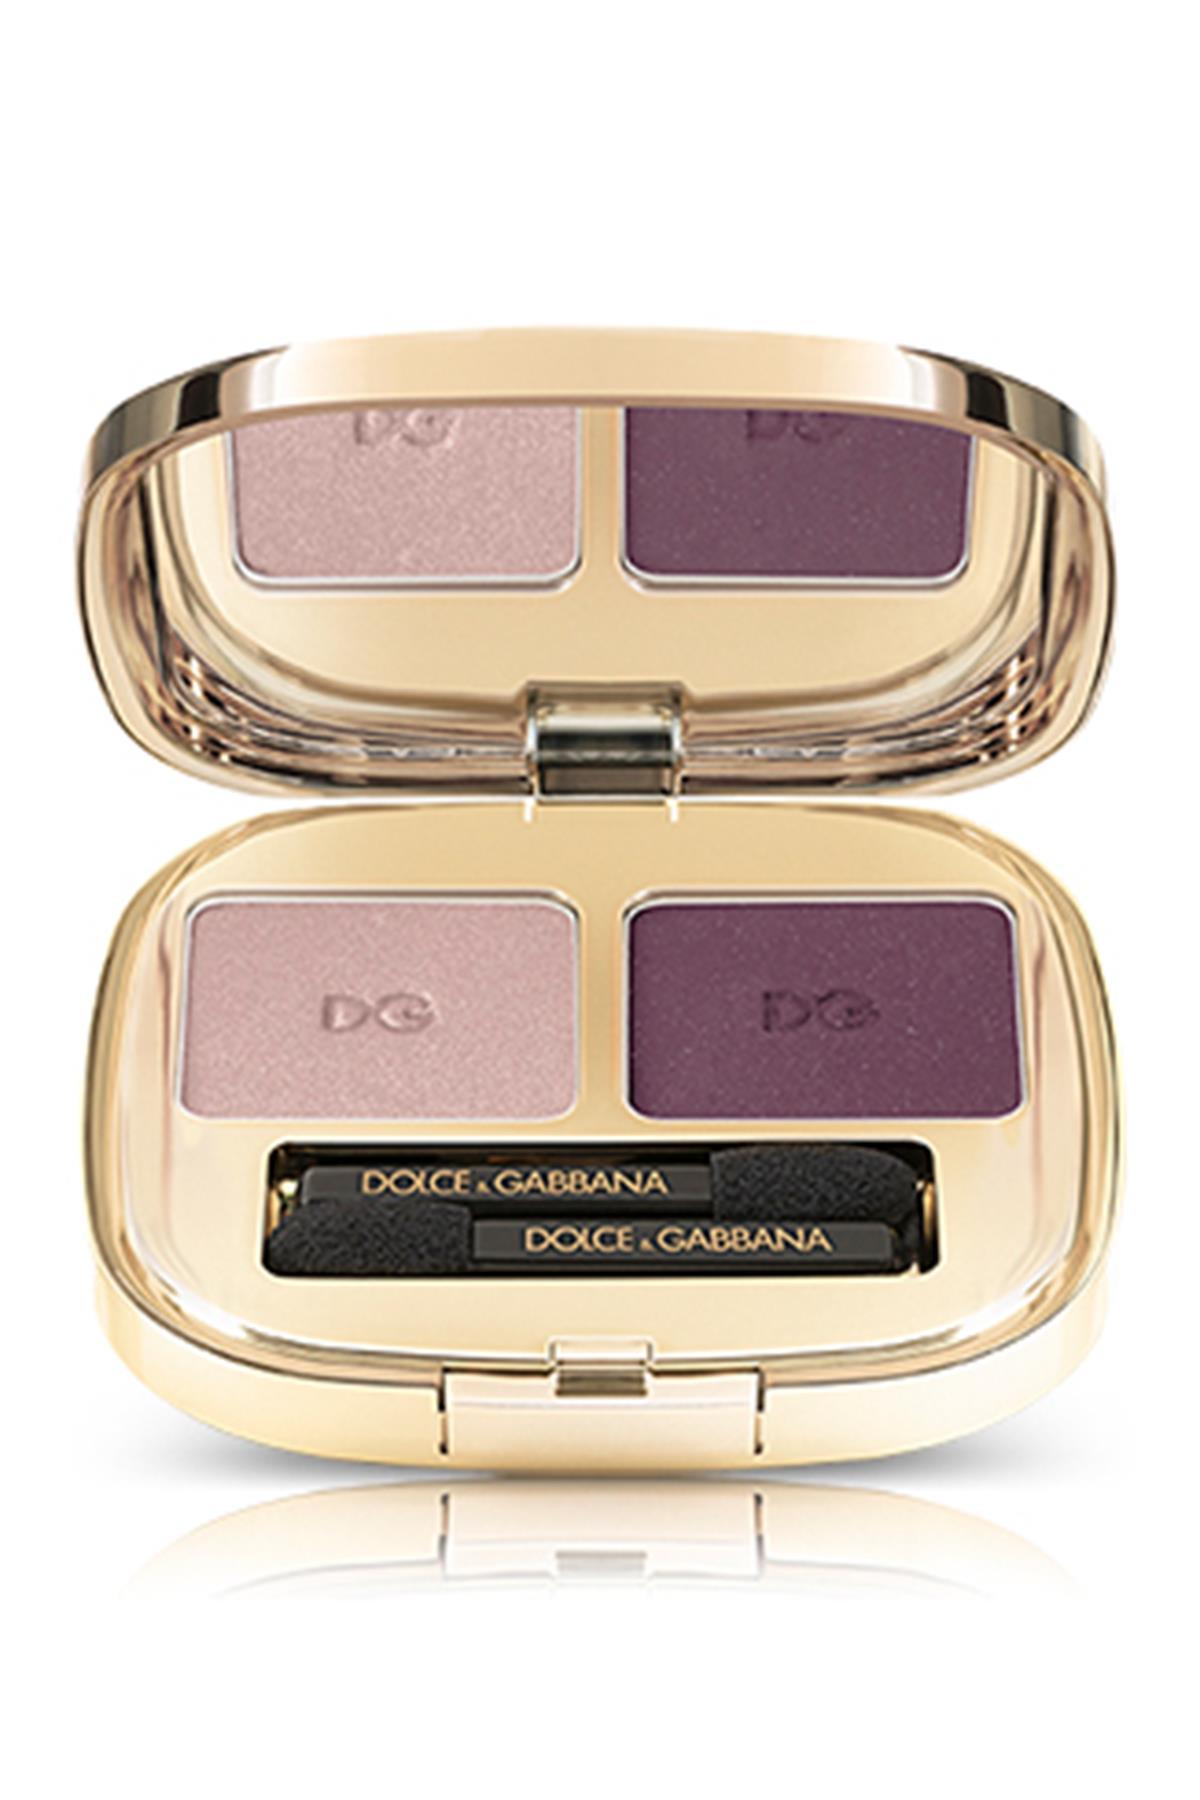 Dolce Gabbana Smooth Eyeshadow Duo 145 Contrast Göz Farı